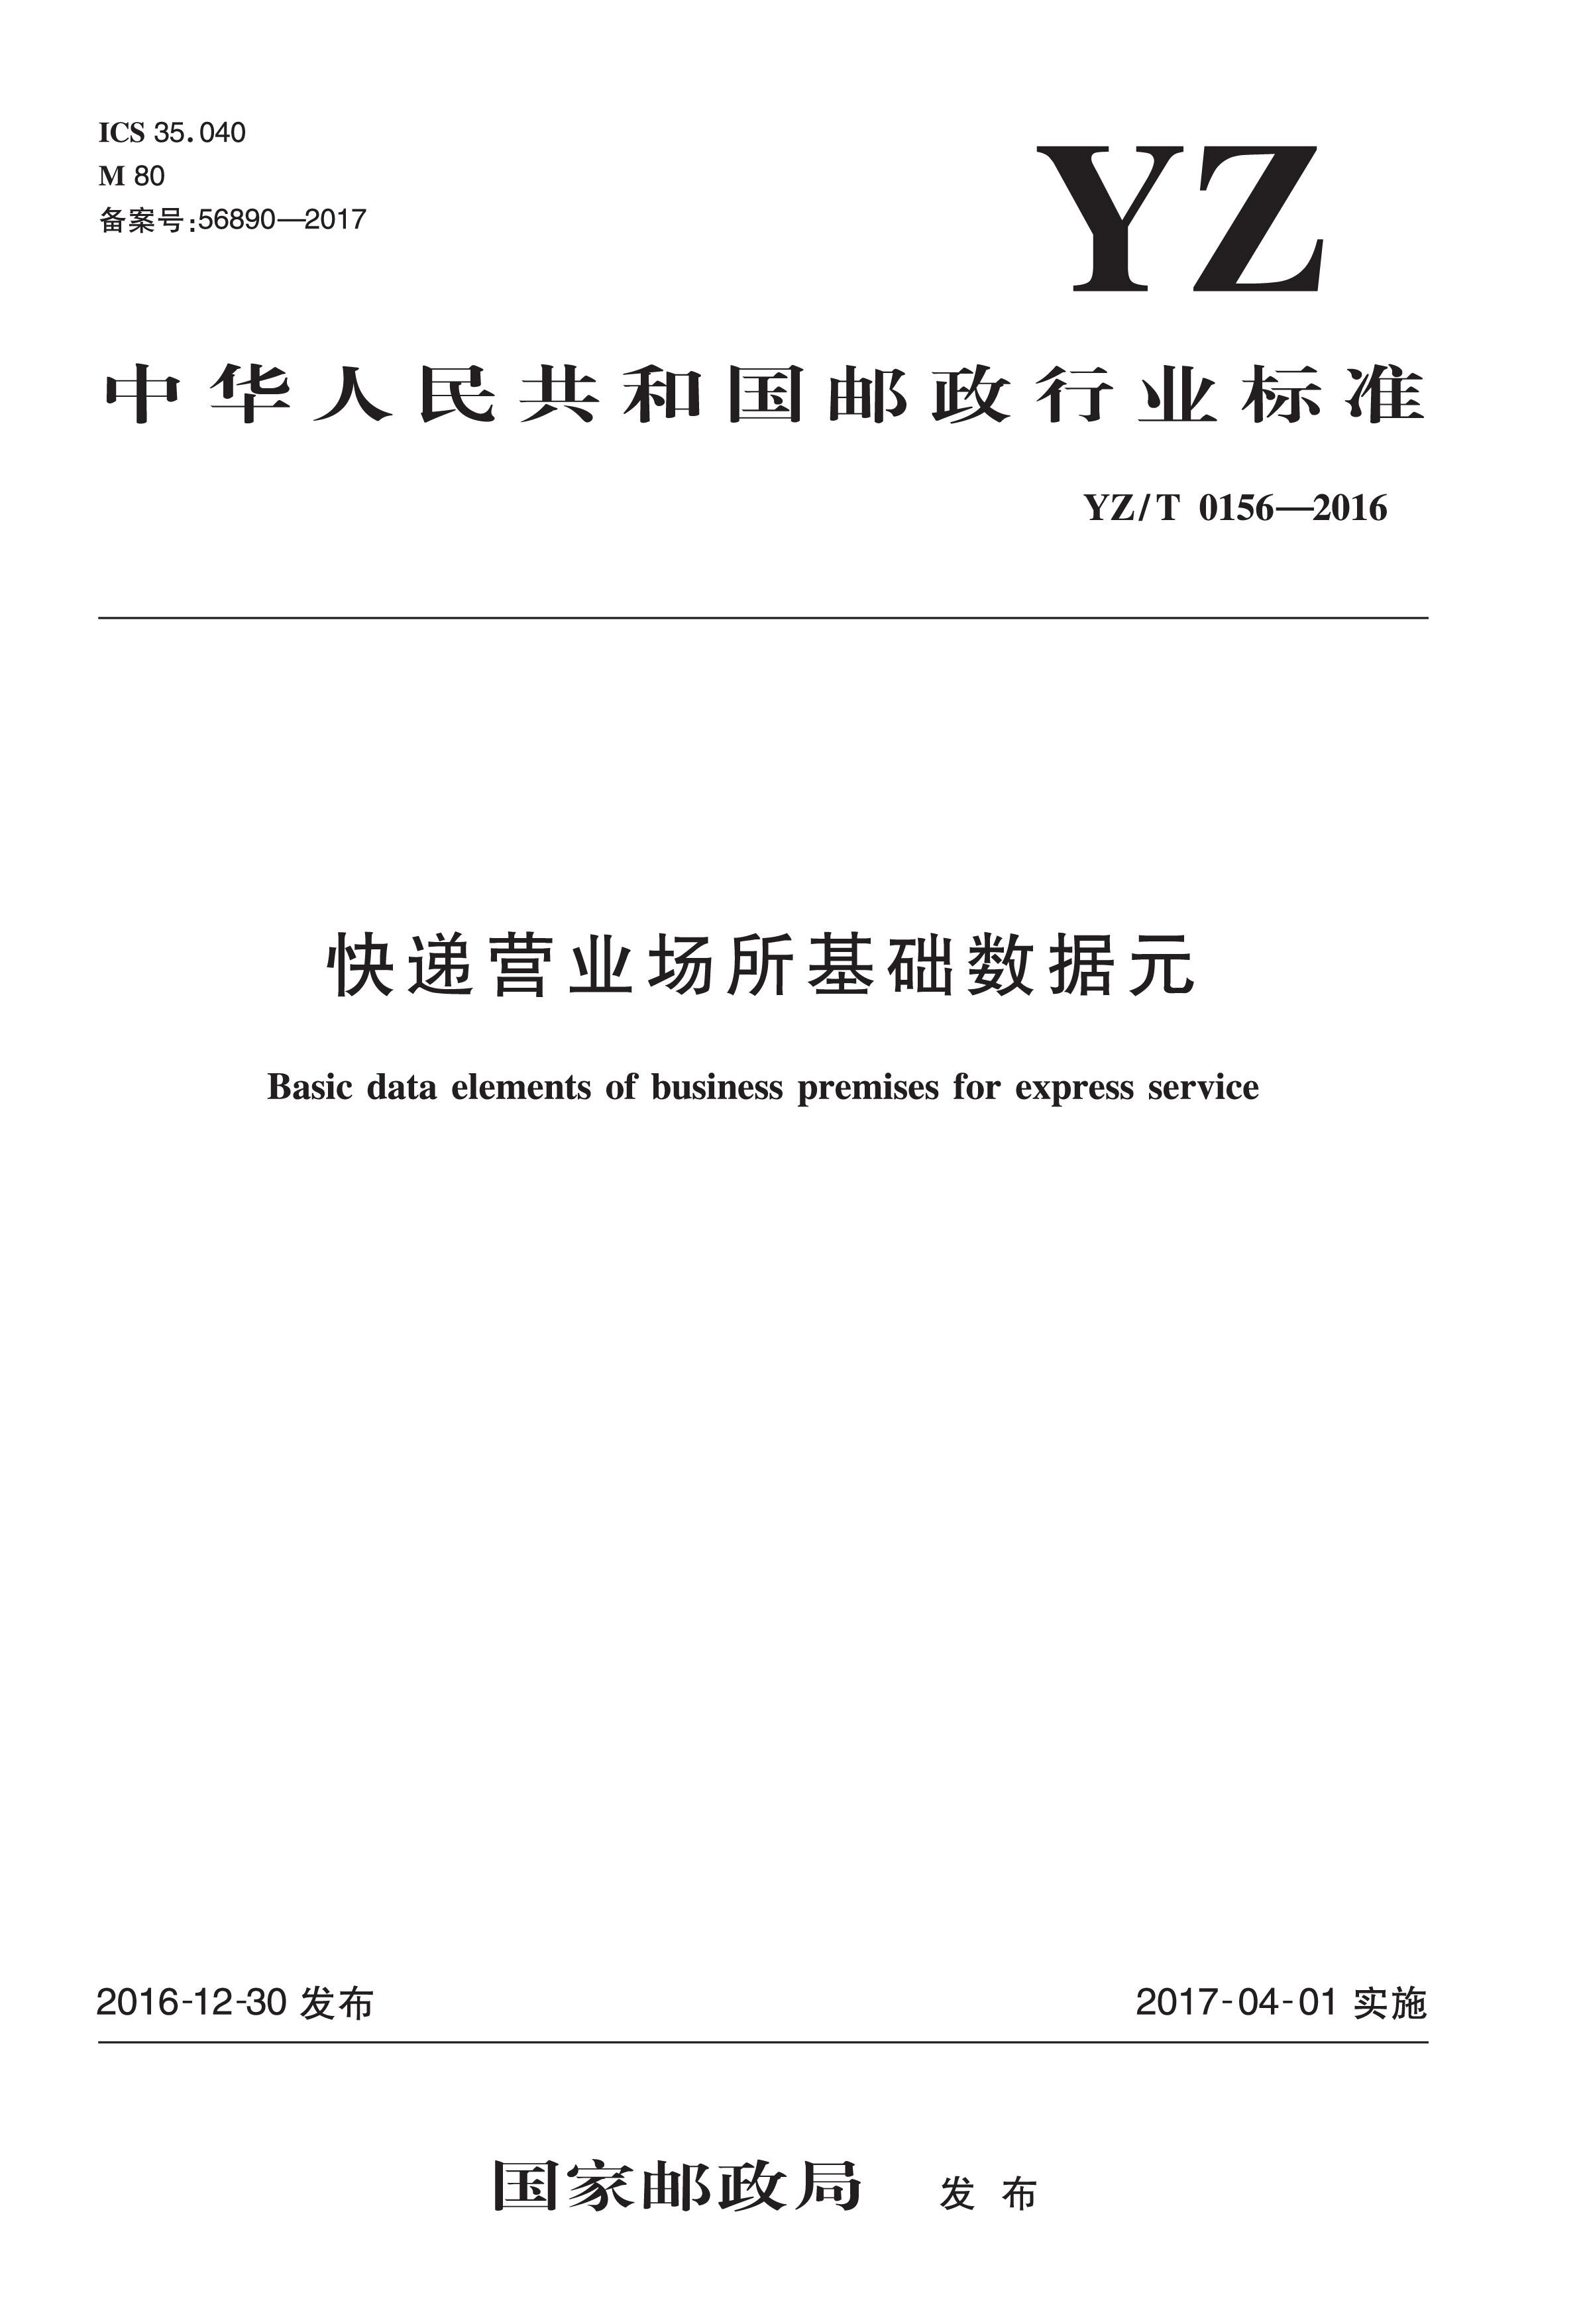 快递营业场所基础数据元(YZ/T 0156—2016)